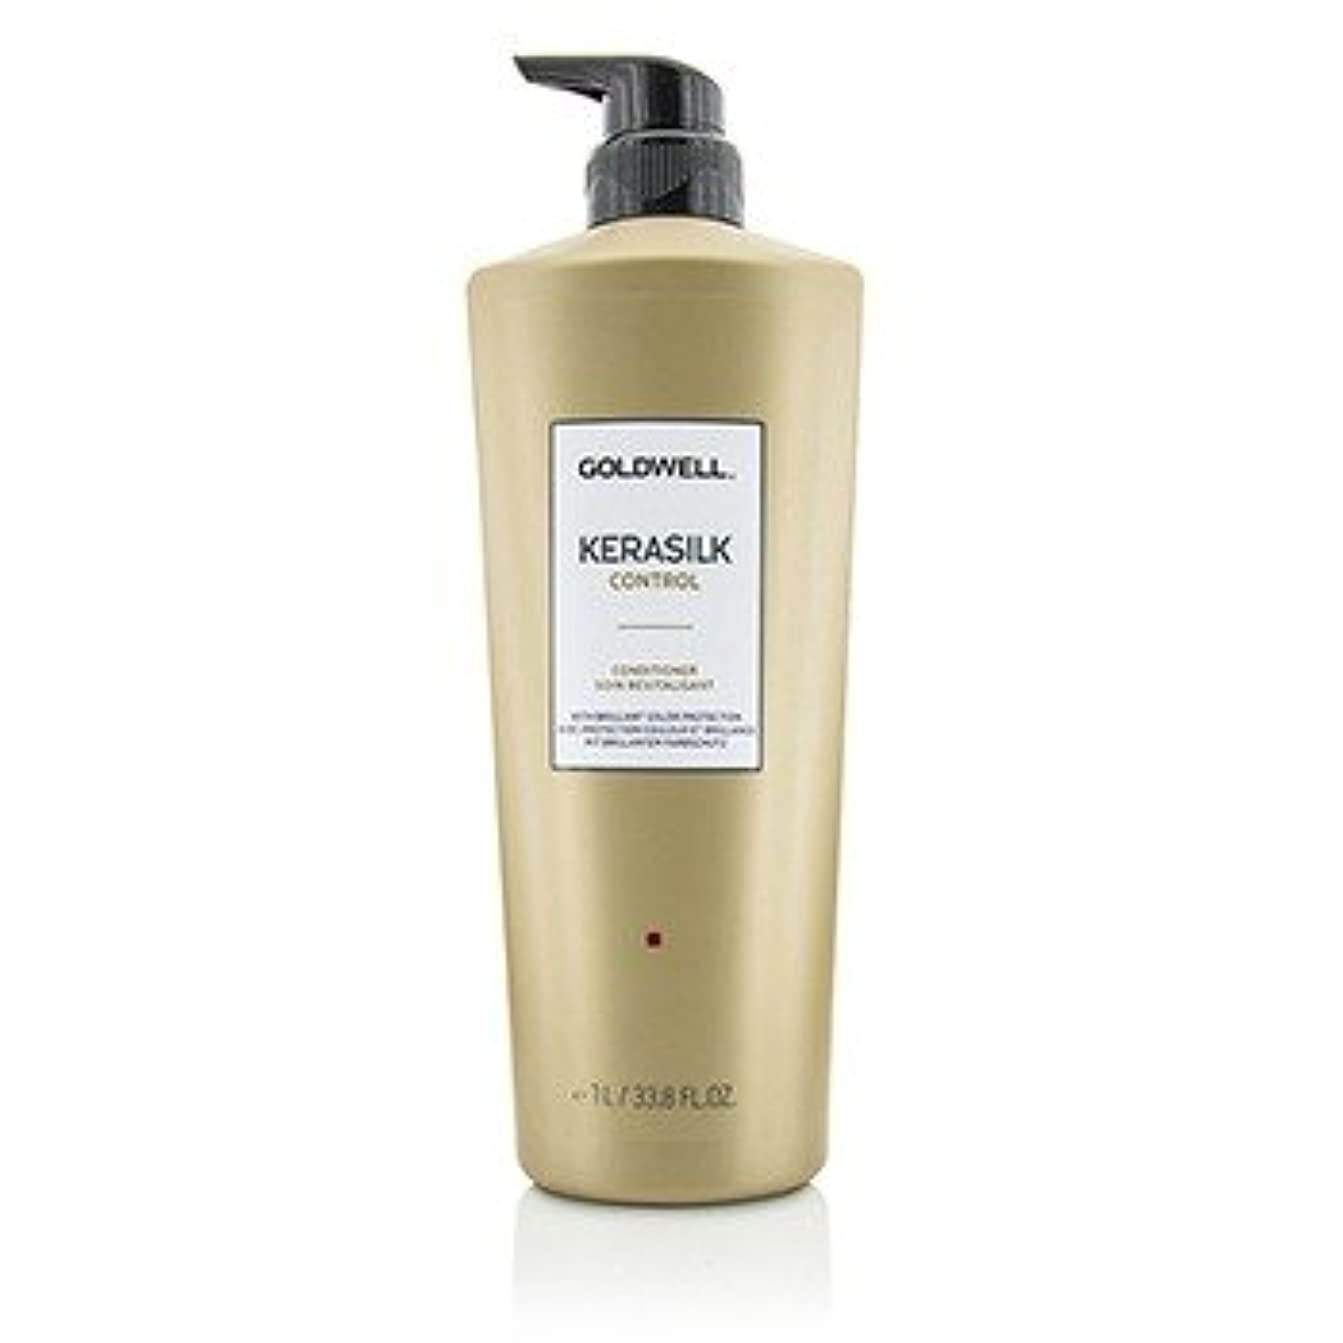 考える特徴づける広がり[Goldwell] Kerasilk Control Conditioner (For Unmanageable Unruly and Frizzy Hair) 200ml/6.7oz